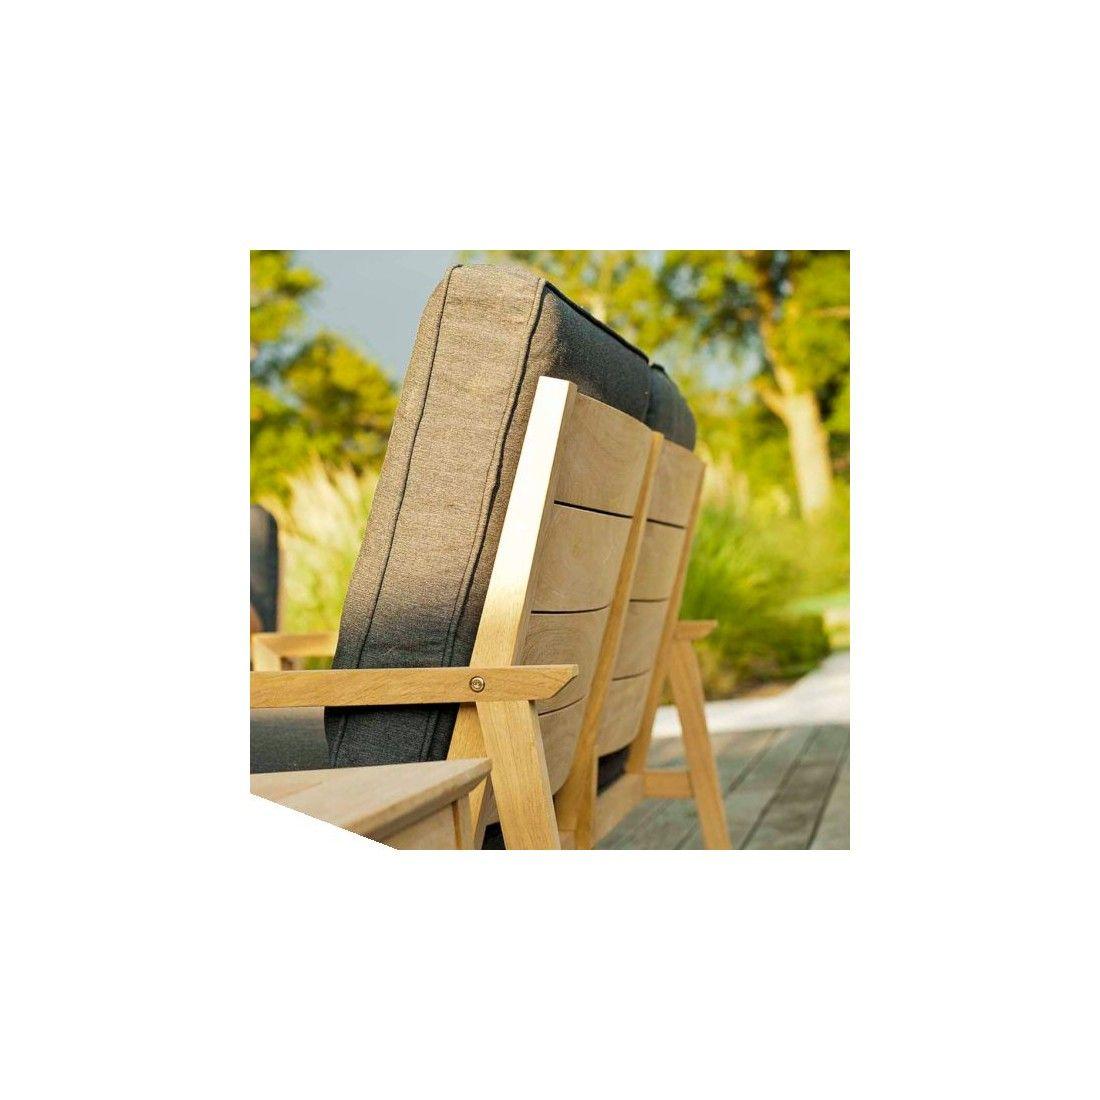 Canapé lounge pour salon de jardin en bois avec coussin gris foncé